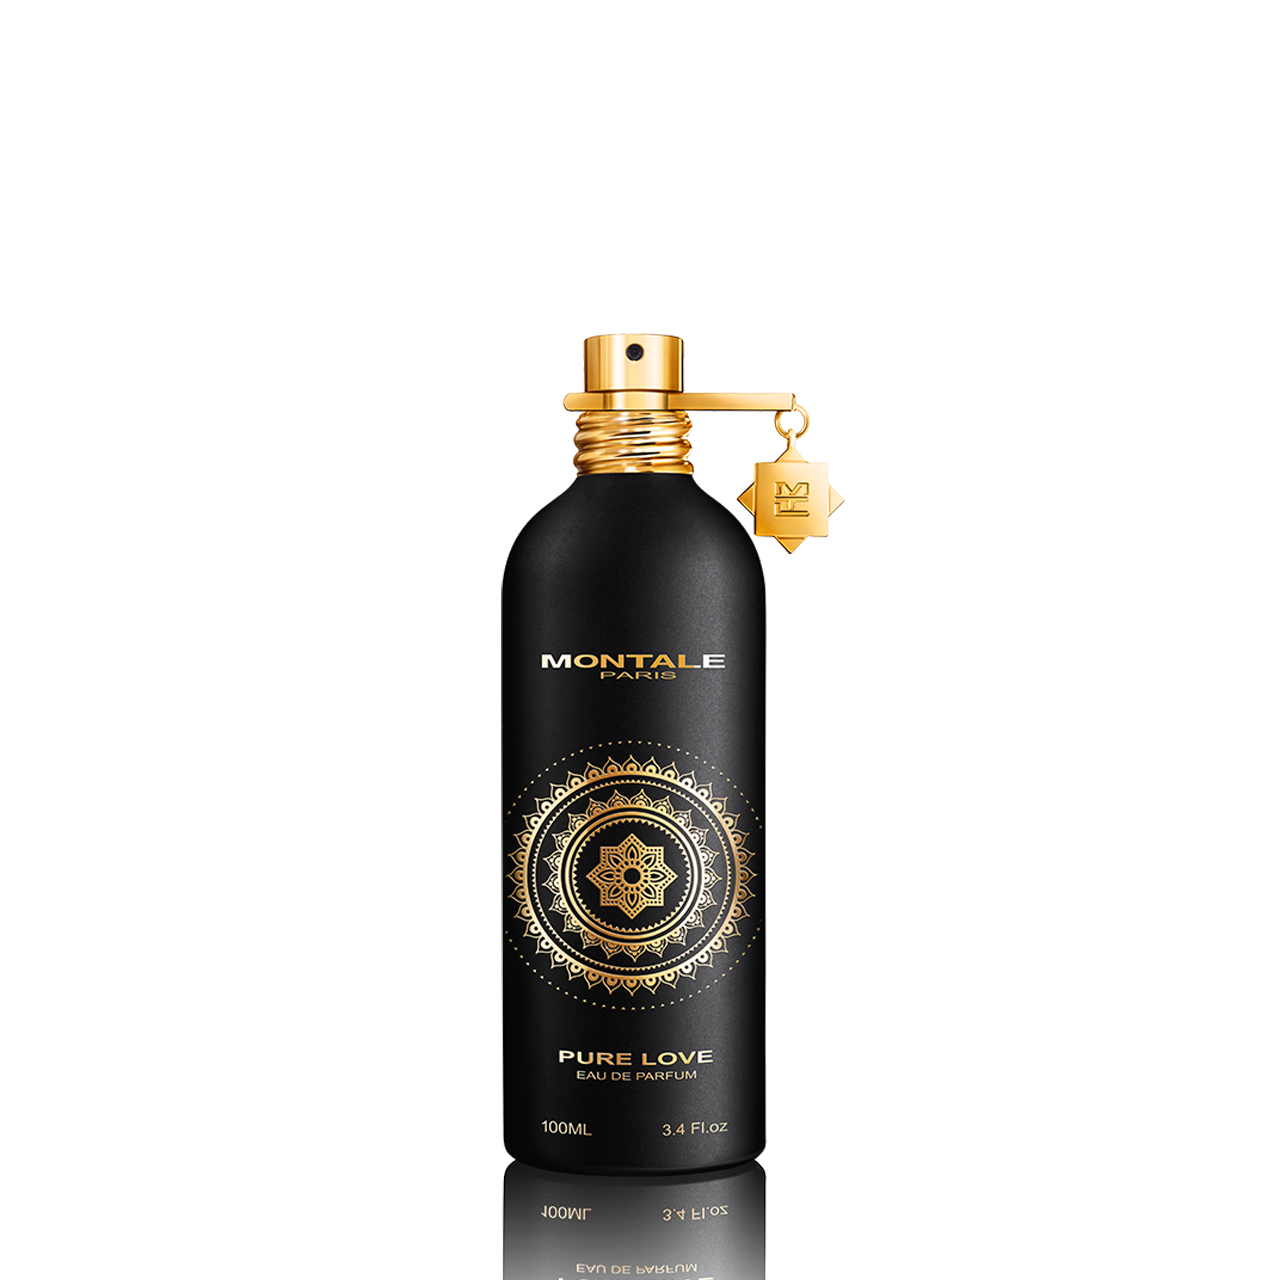 Pure Love - Eau de Parfum